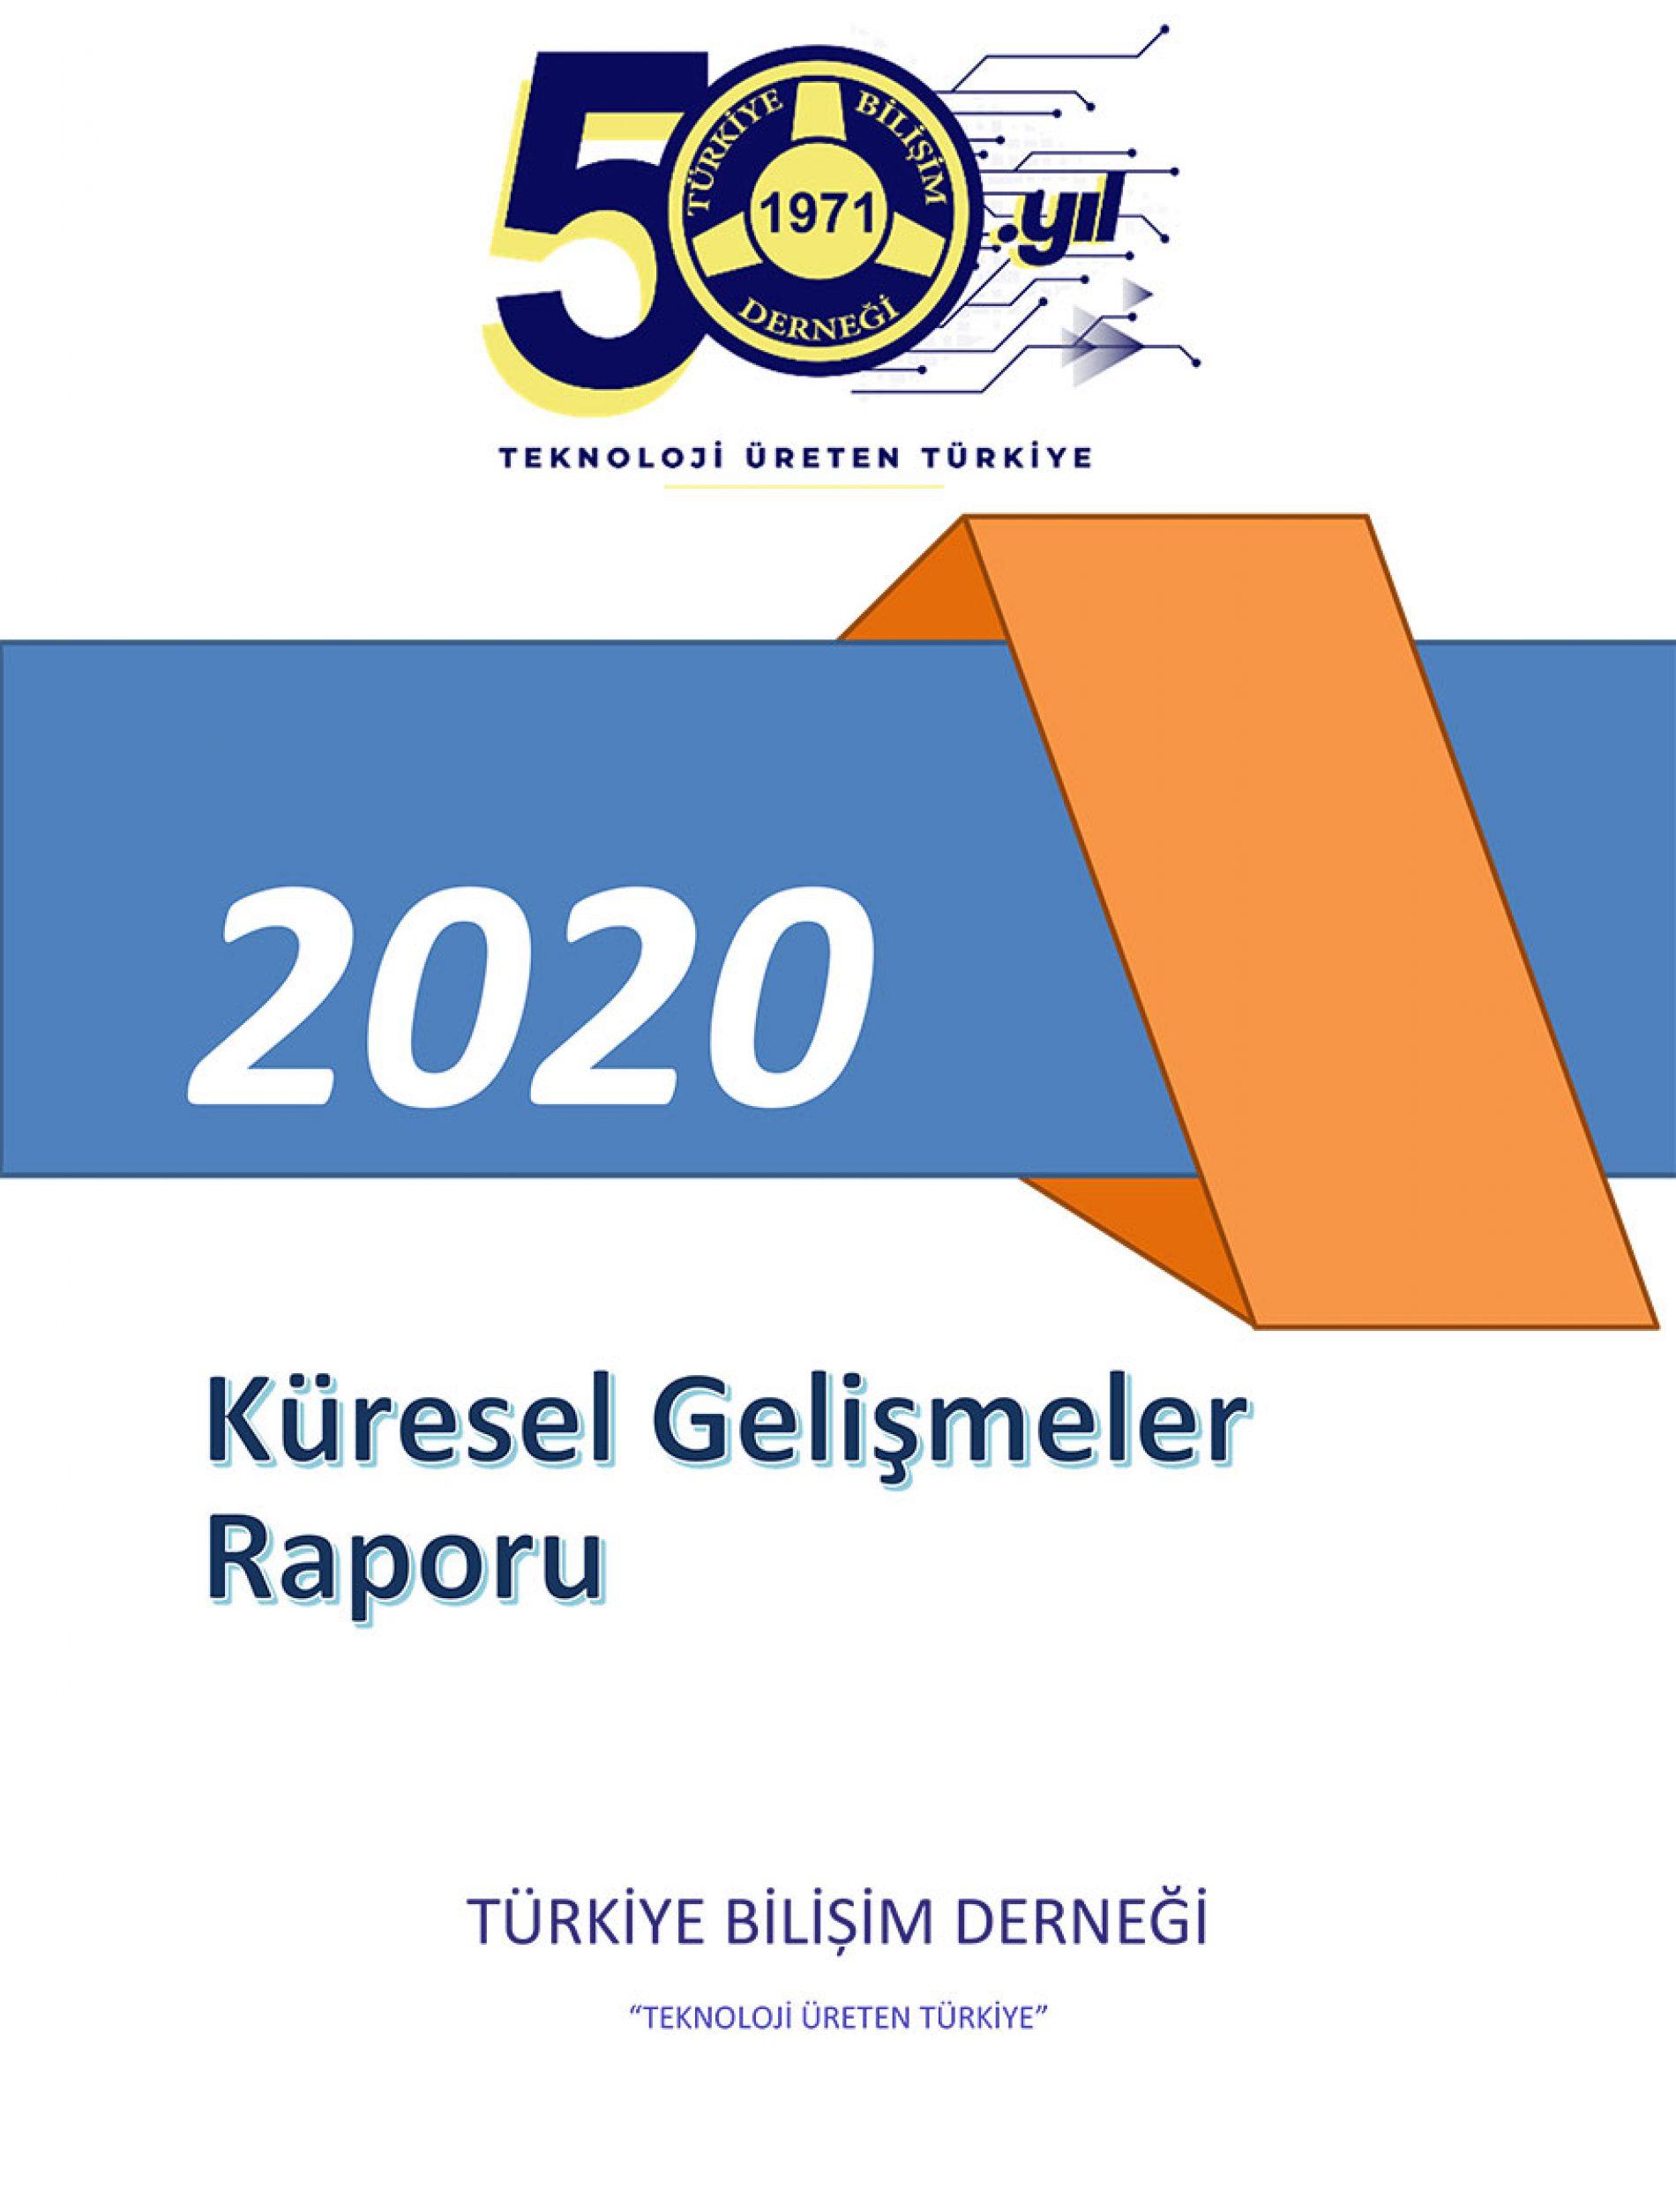 TBD Küresel Gelişmeler 2020 Raporu